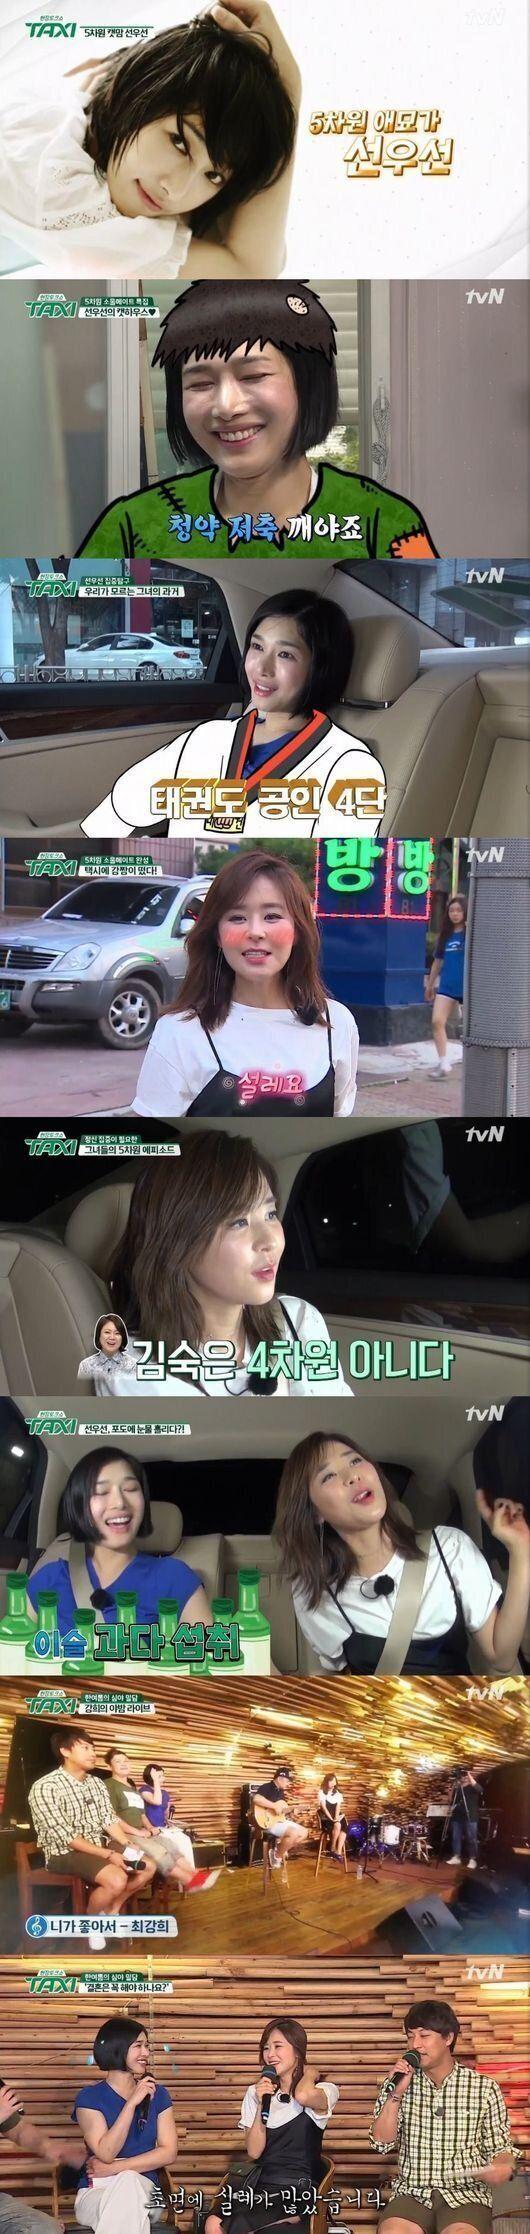 '택시' 선우선 X 최강희, 두 5차원 친구의 비포장